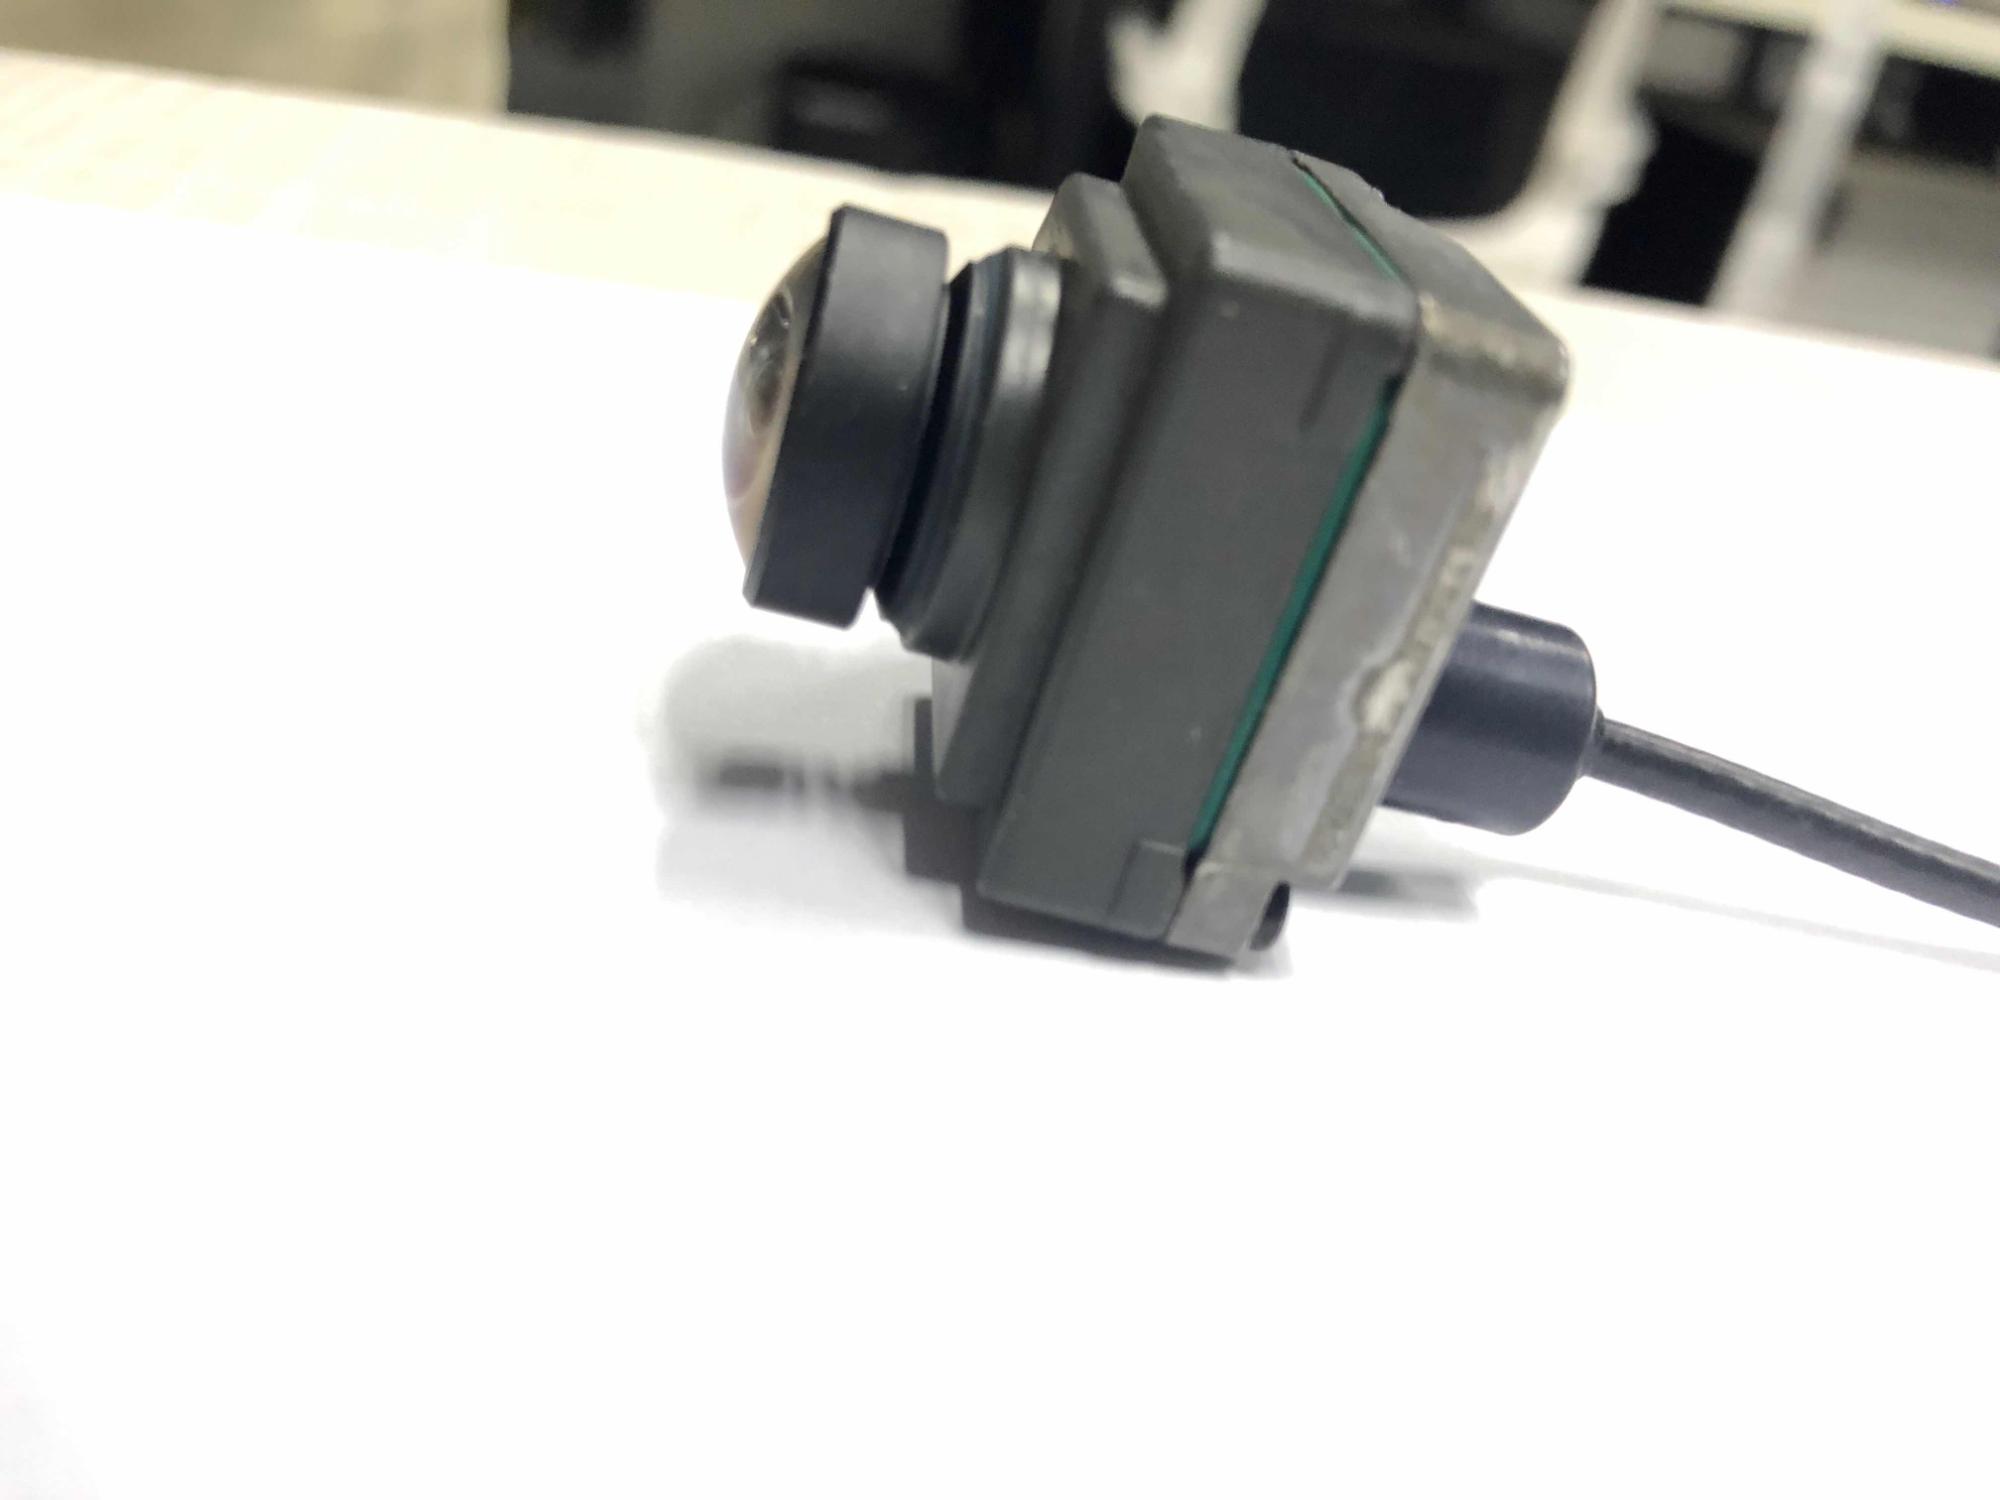 蘇州盲區車用人工智能攝像頭功能介紹 歡迎咨詢「寧波探譜汽車供應」